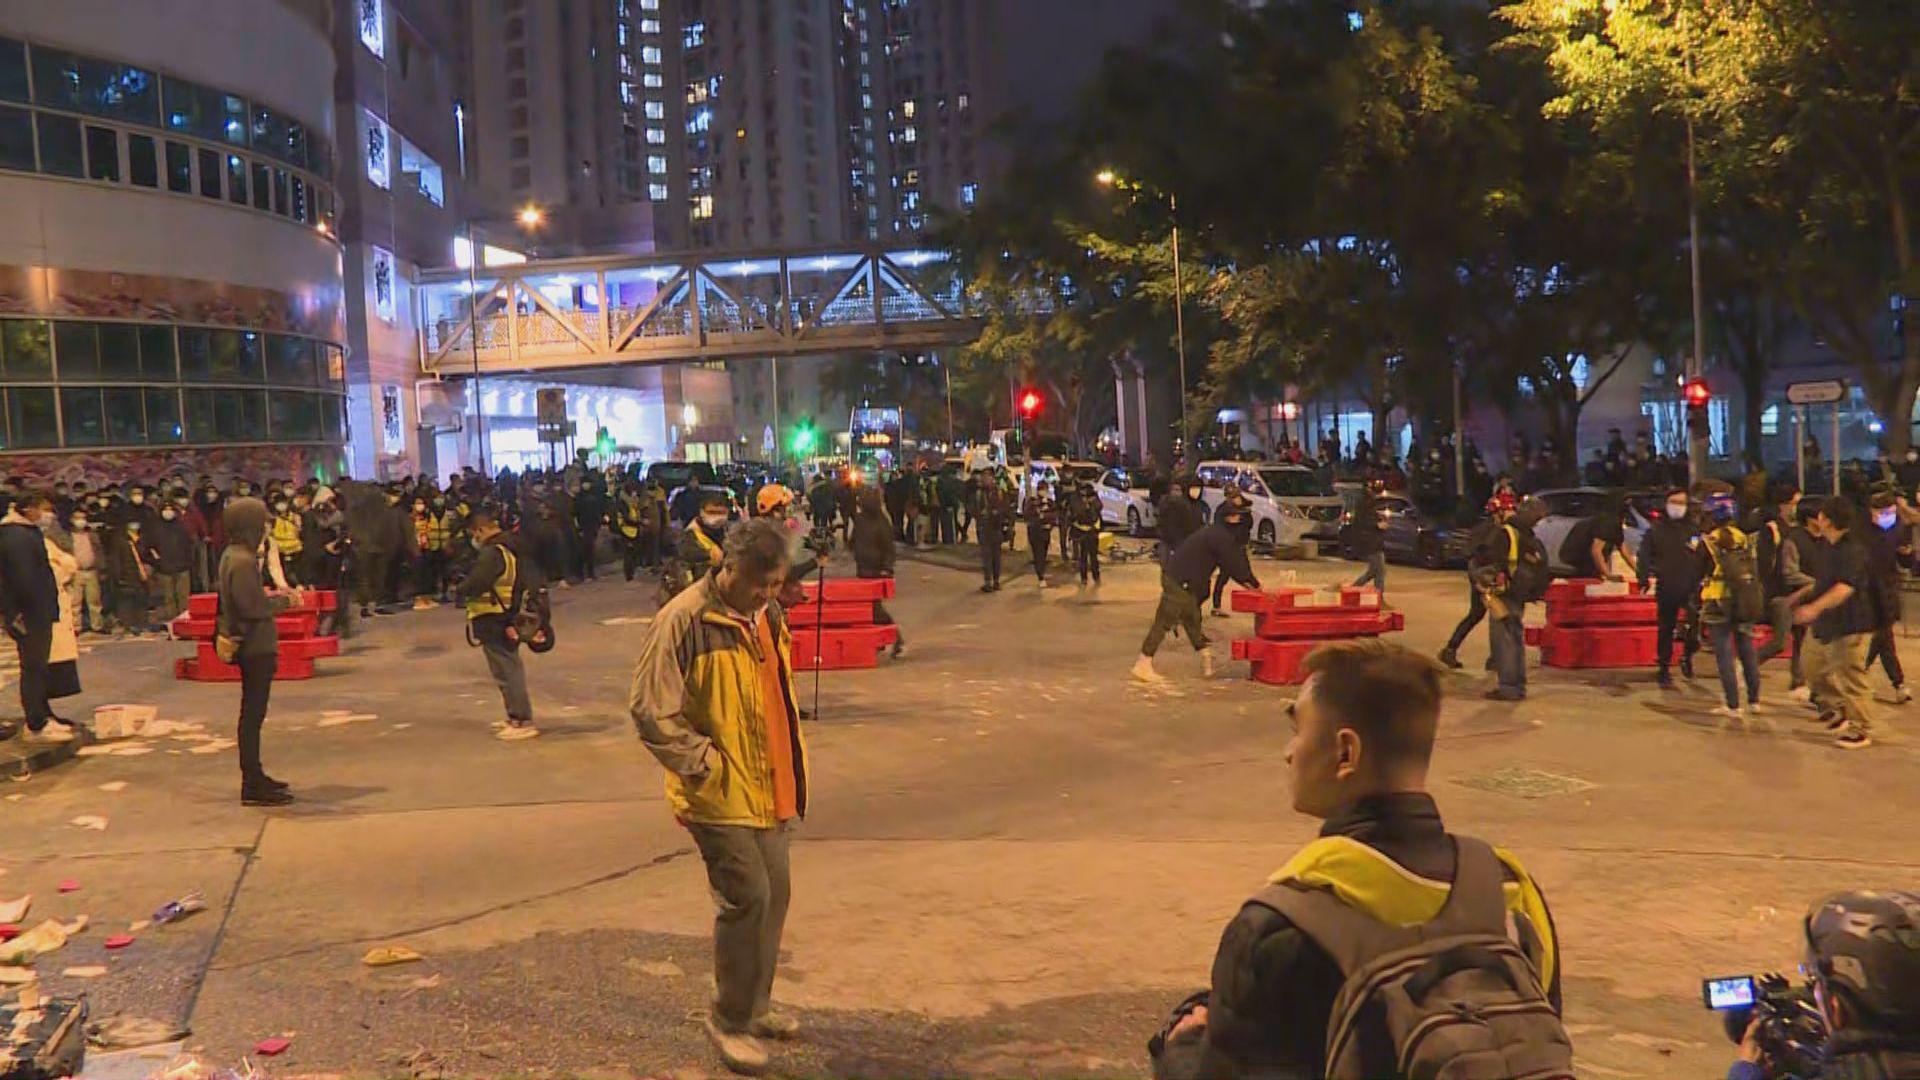 大批人入夜後繼續在暉明邨外堵路